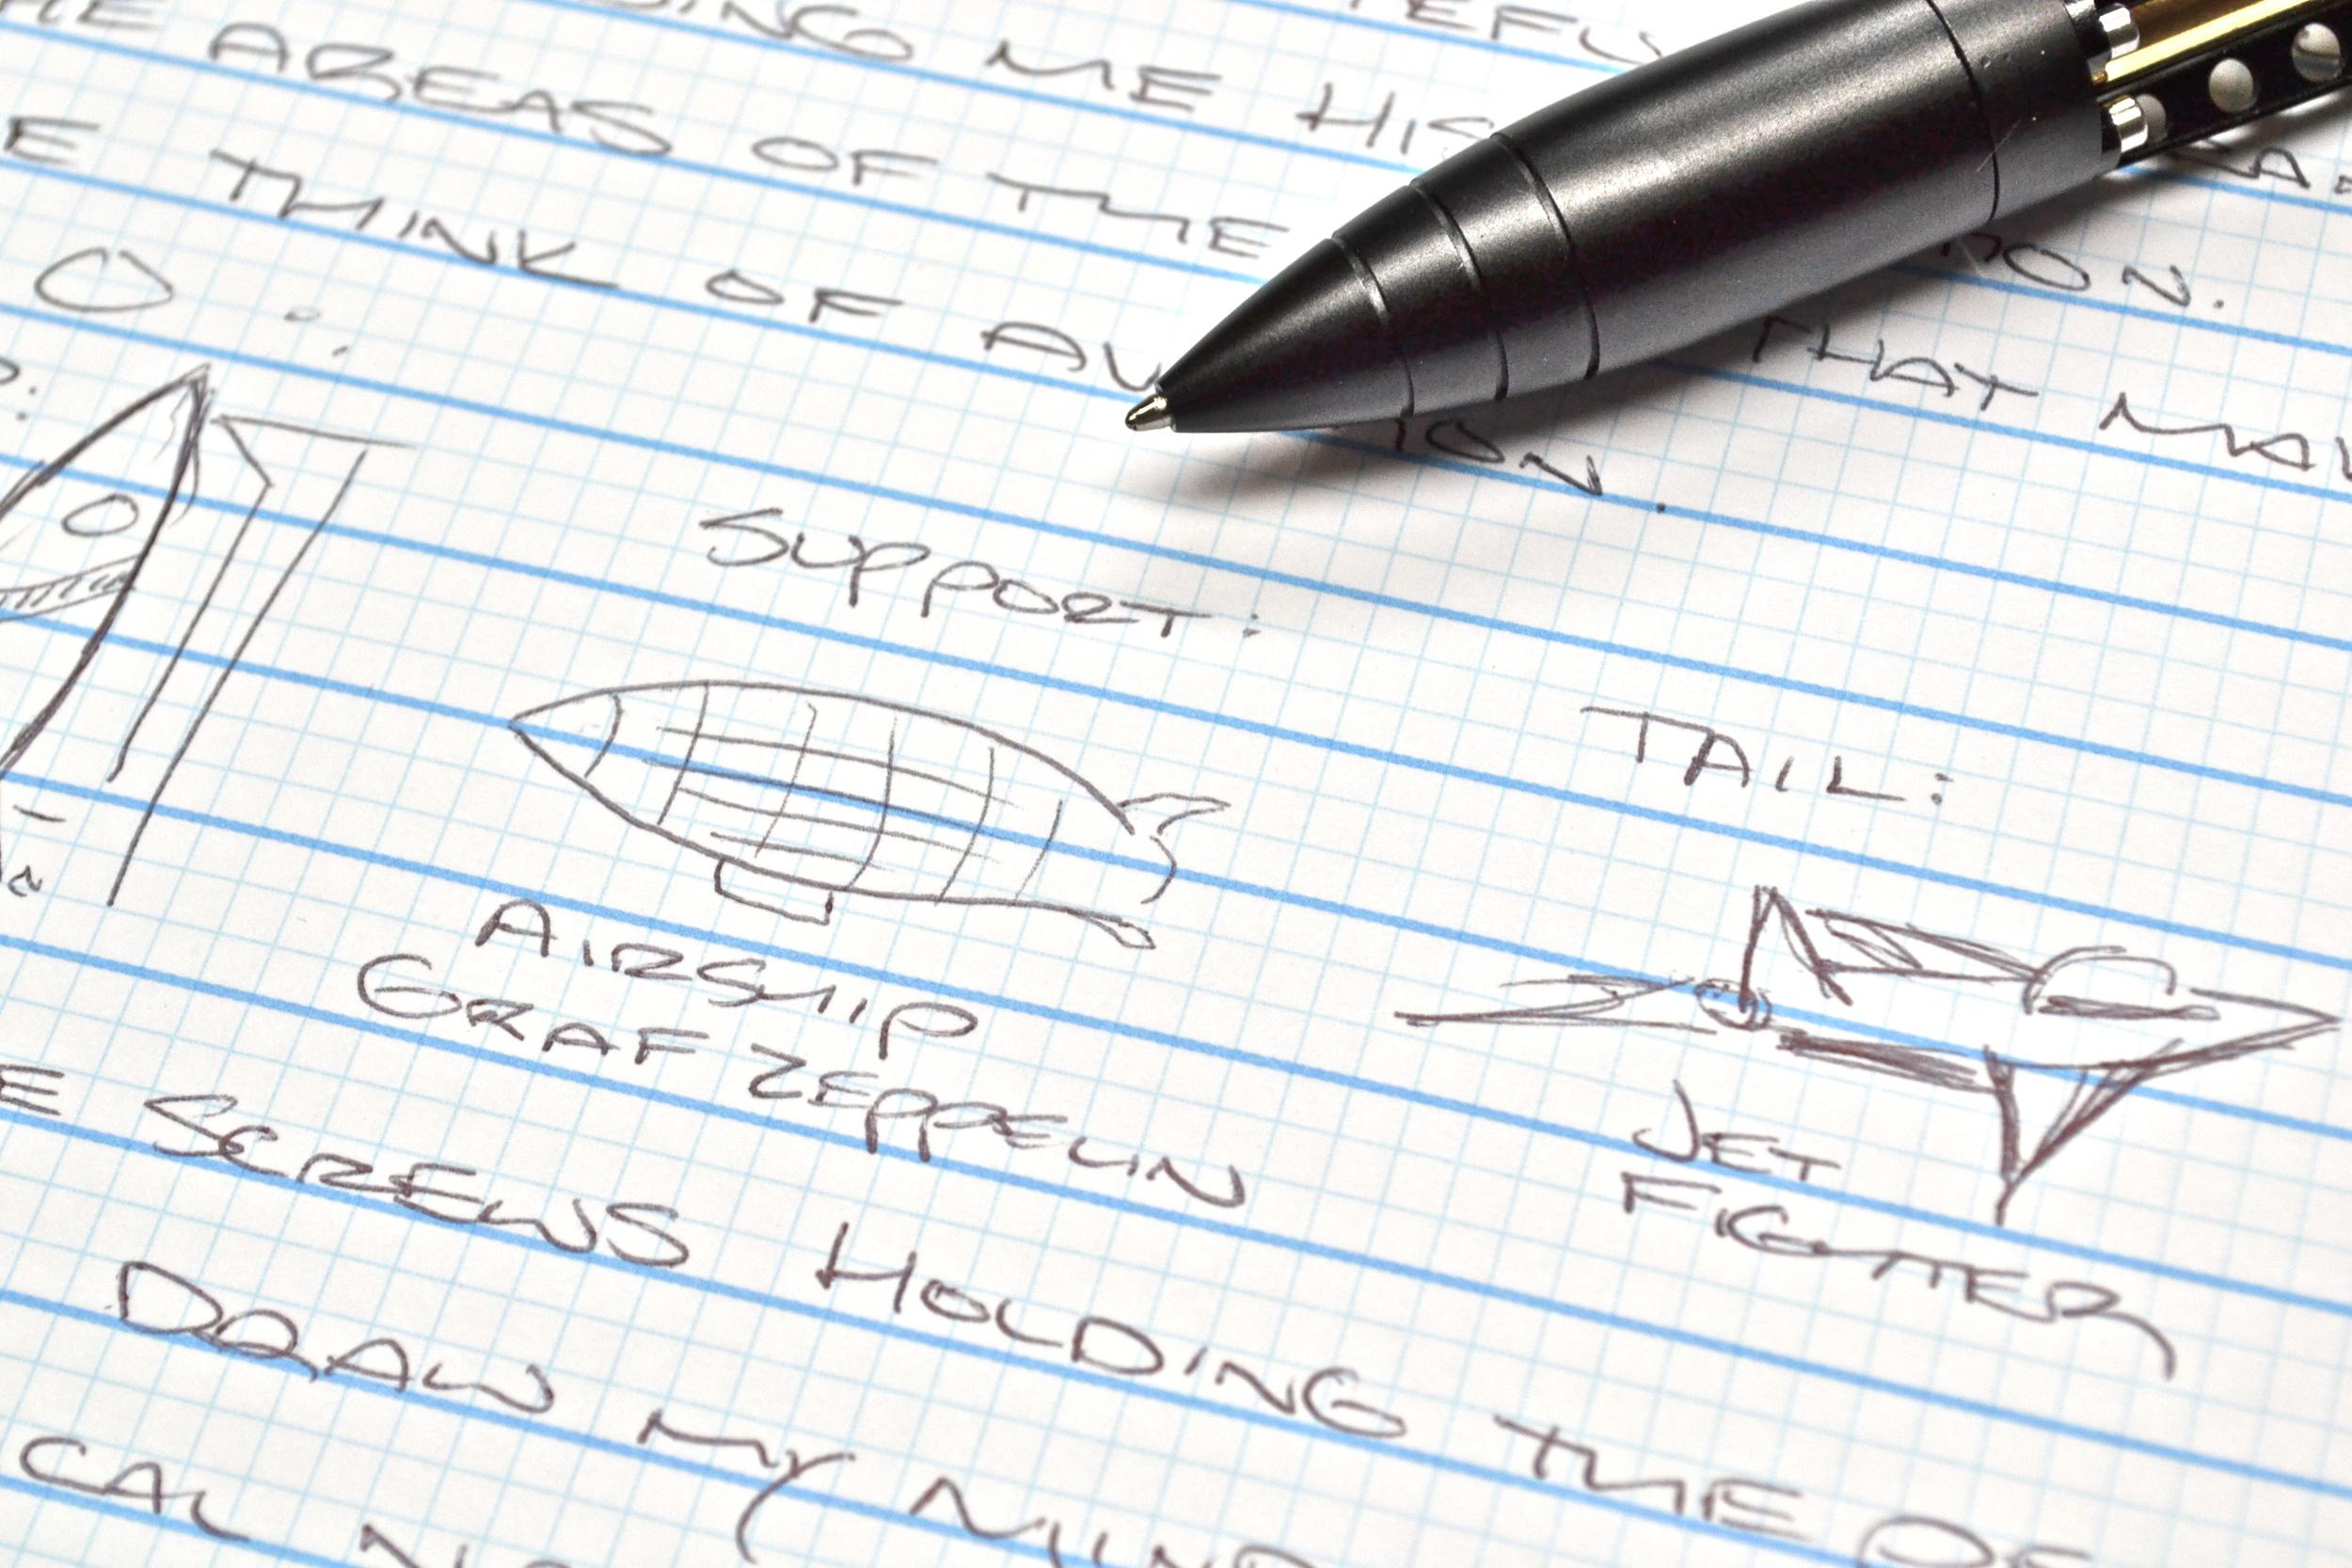 Airfoil Kickstarter Pen Review